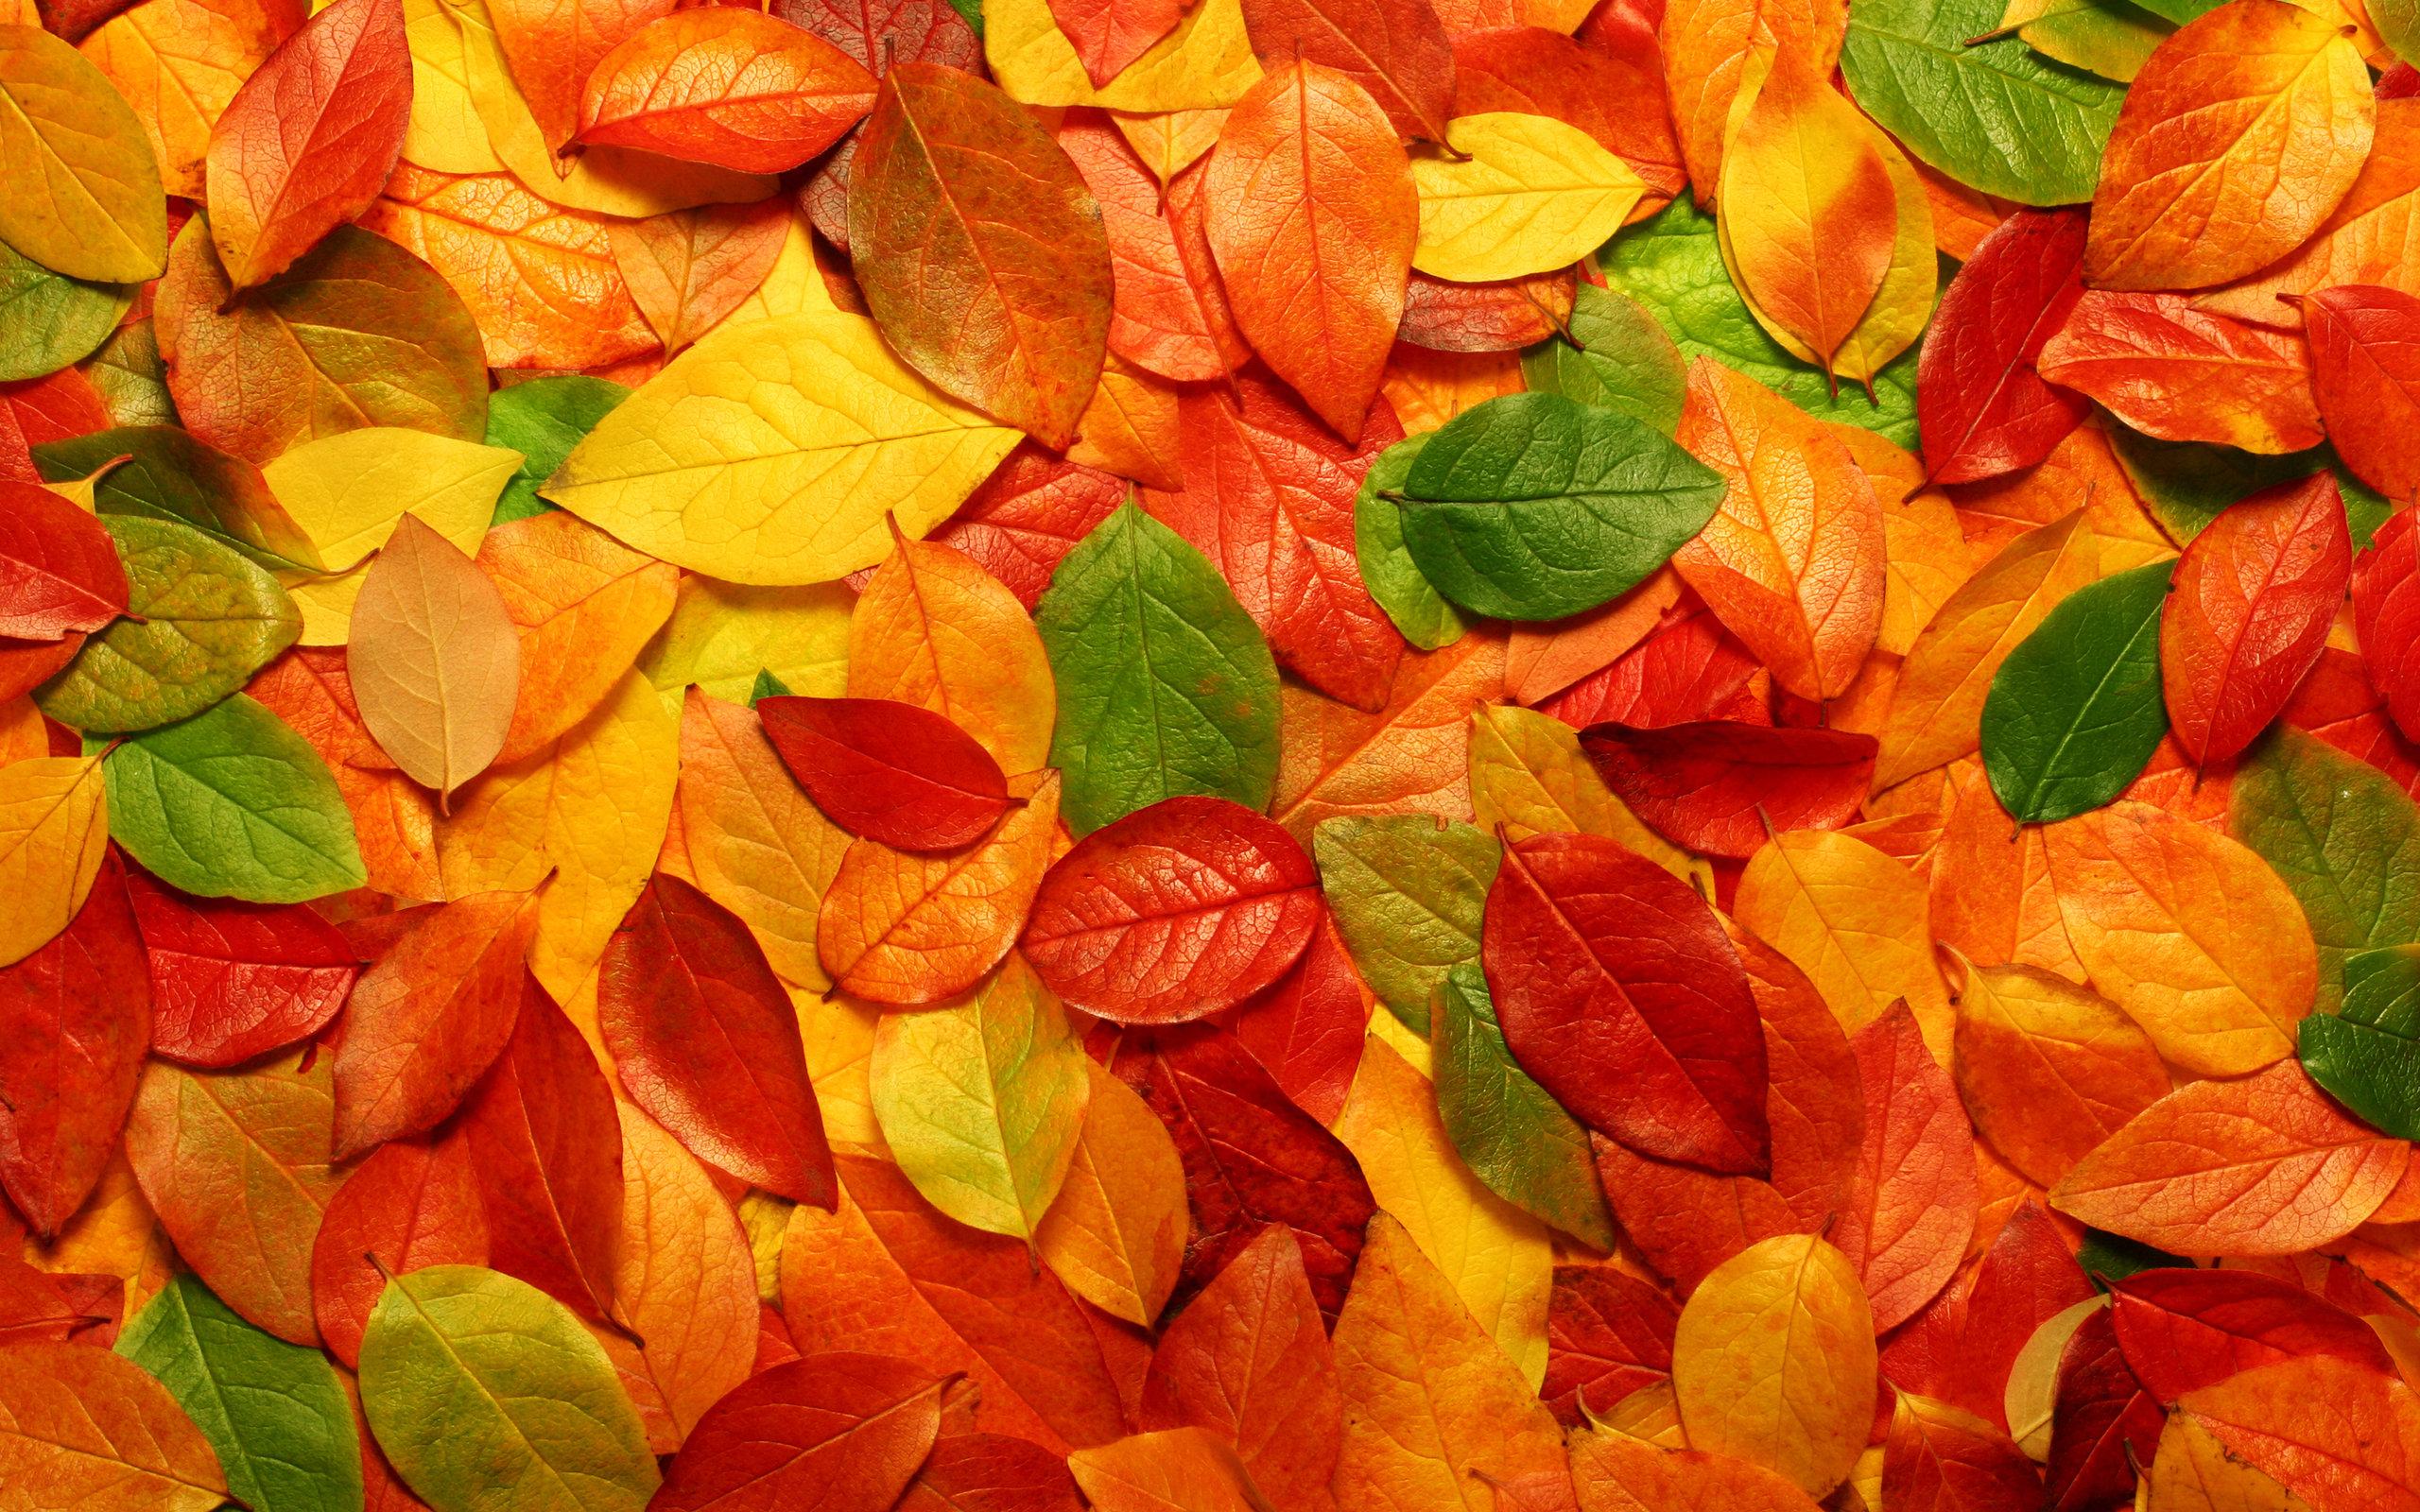 осенние опавшие листья, скачать фото, обои на рабочий стол, autumn leaves